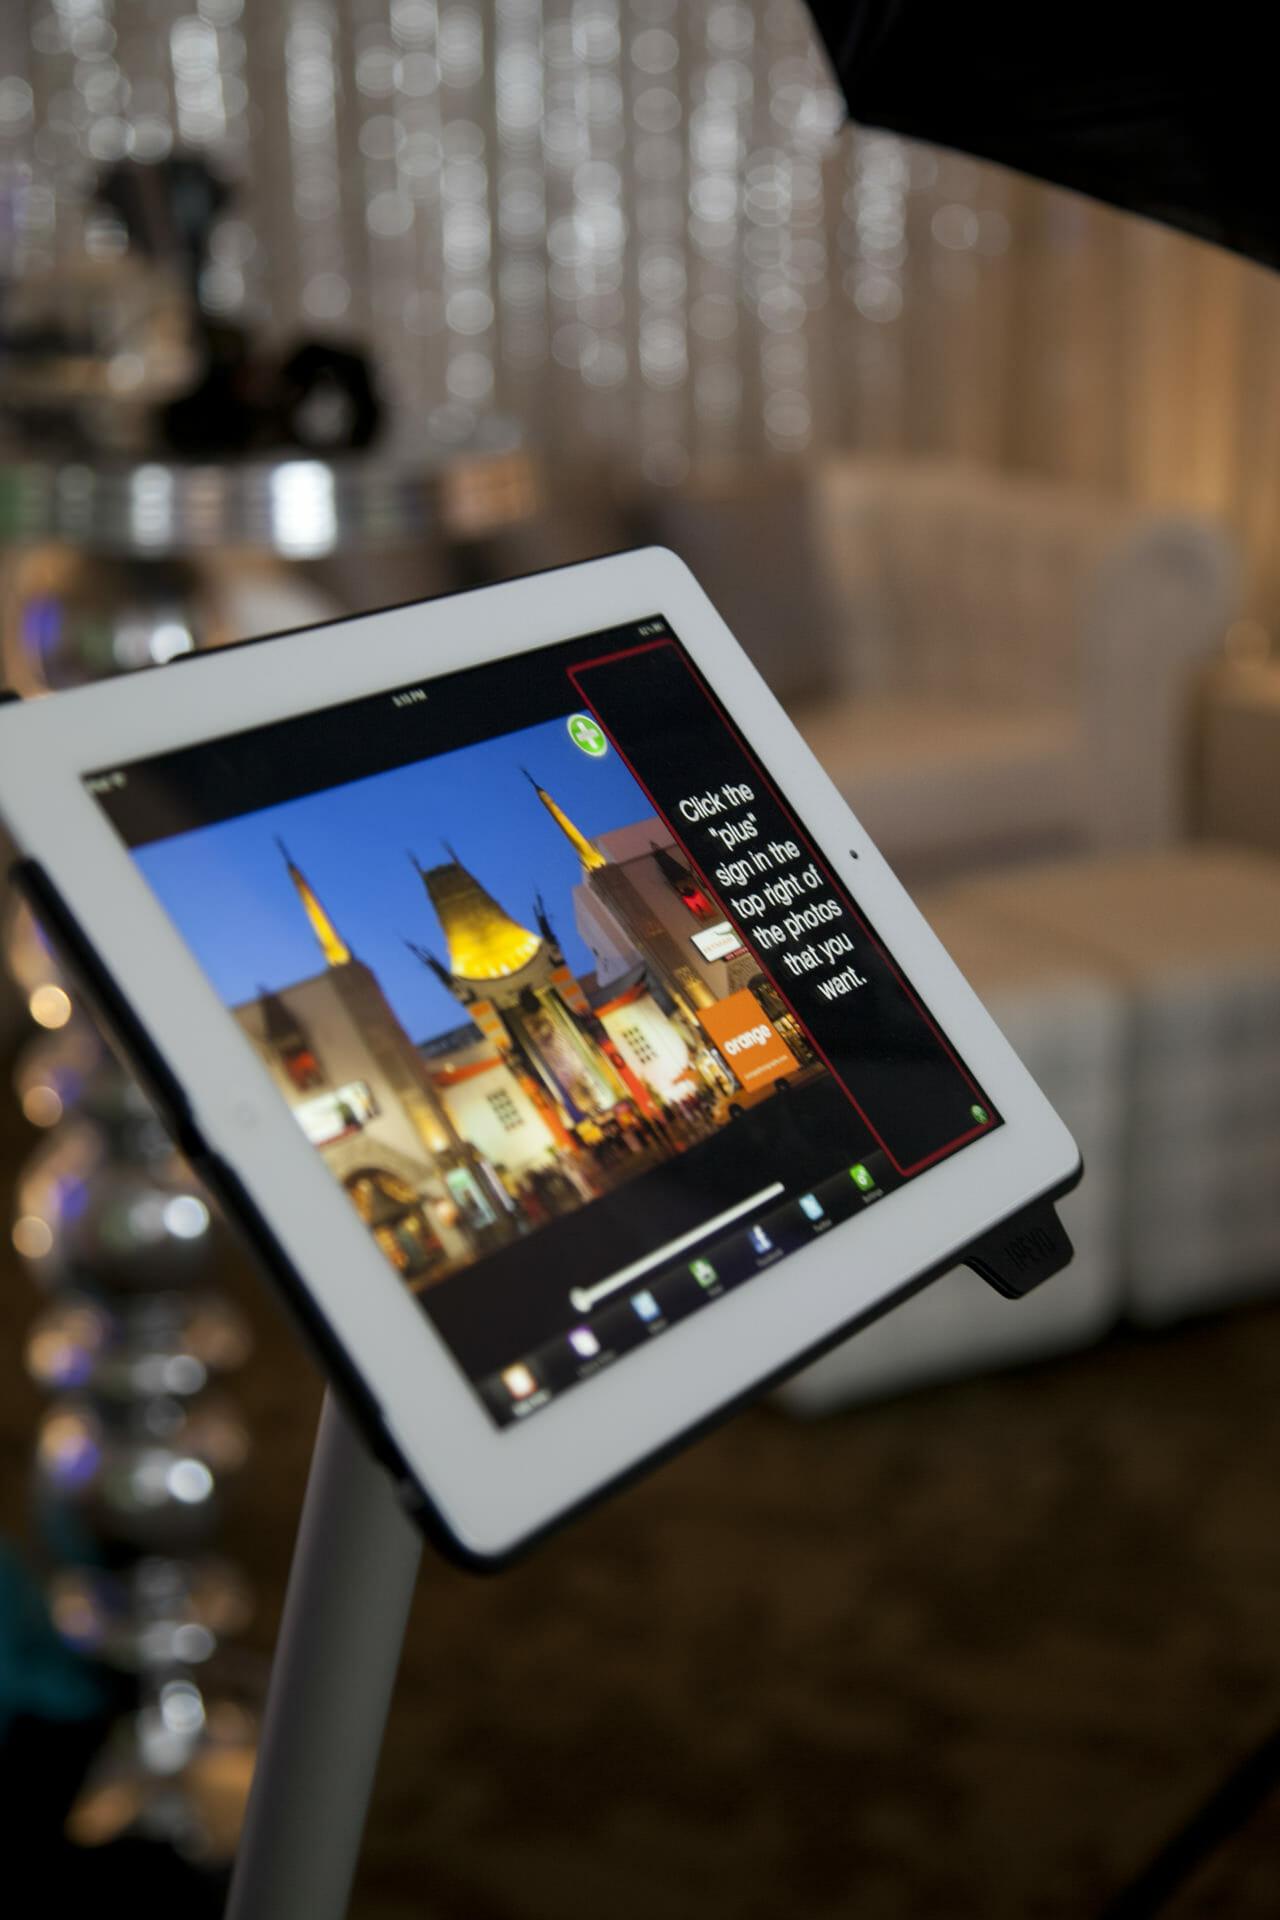 iPad photobooth interface